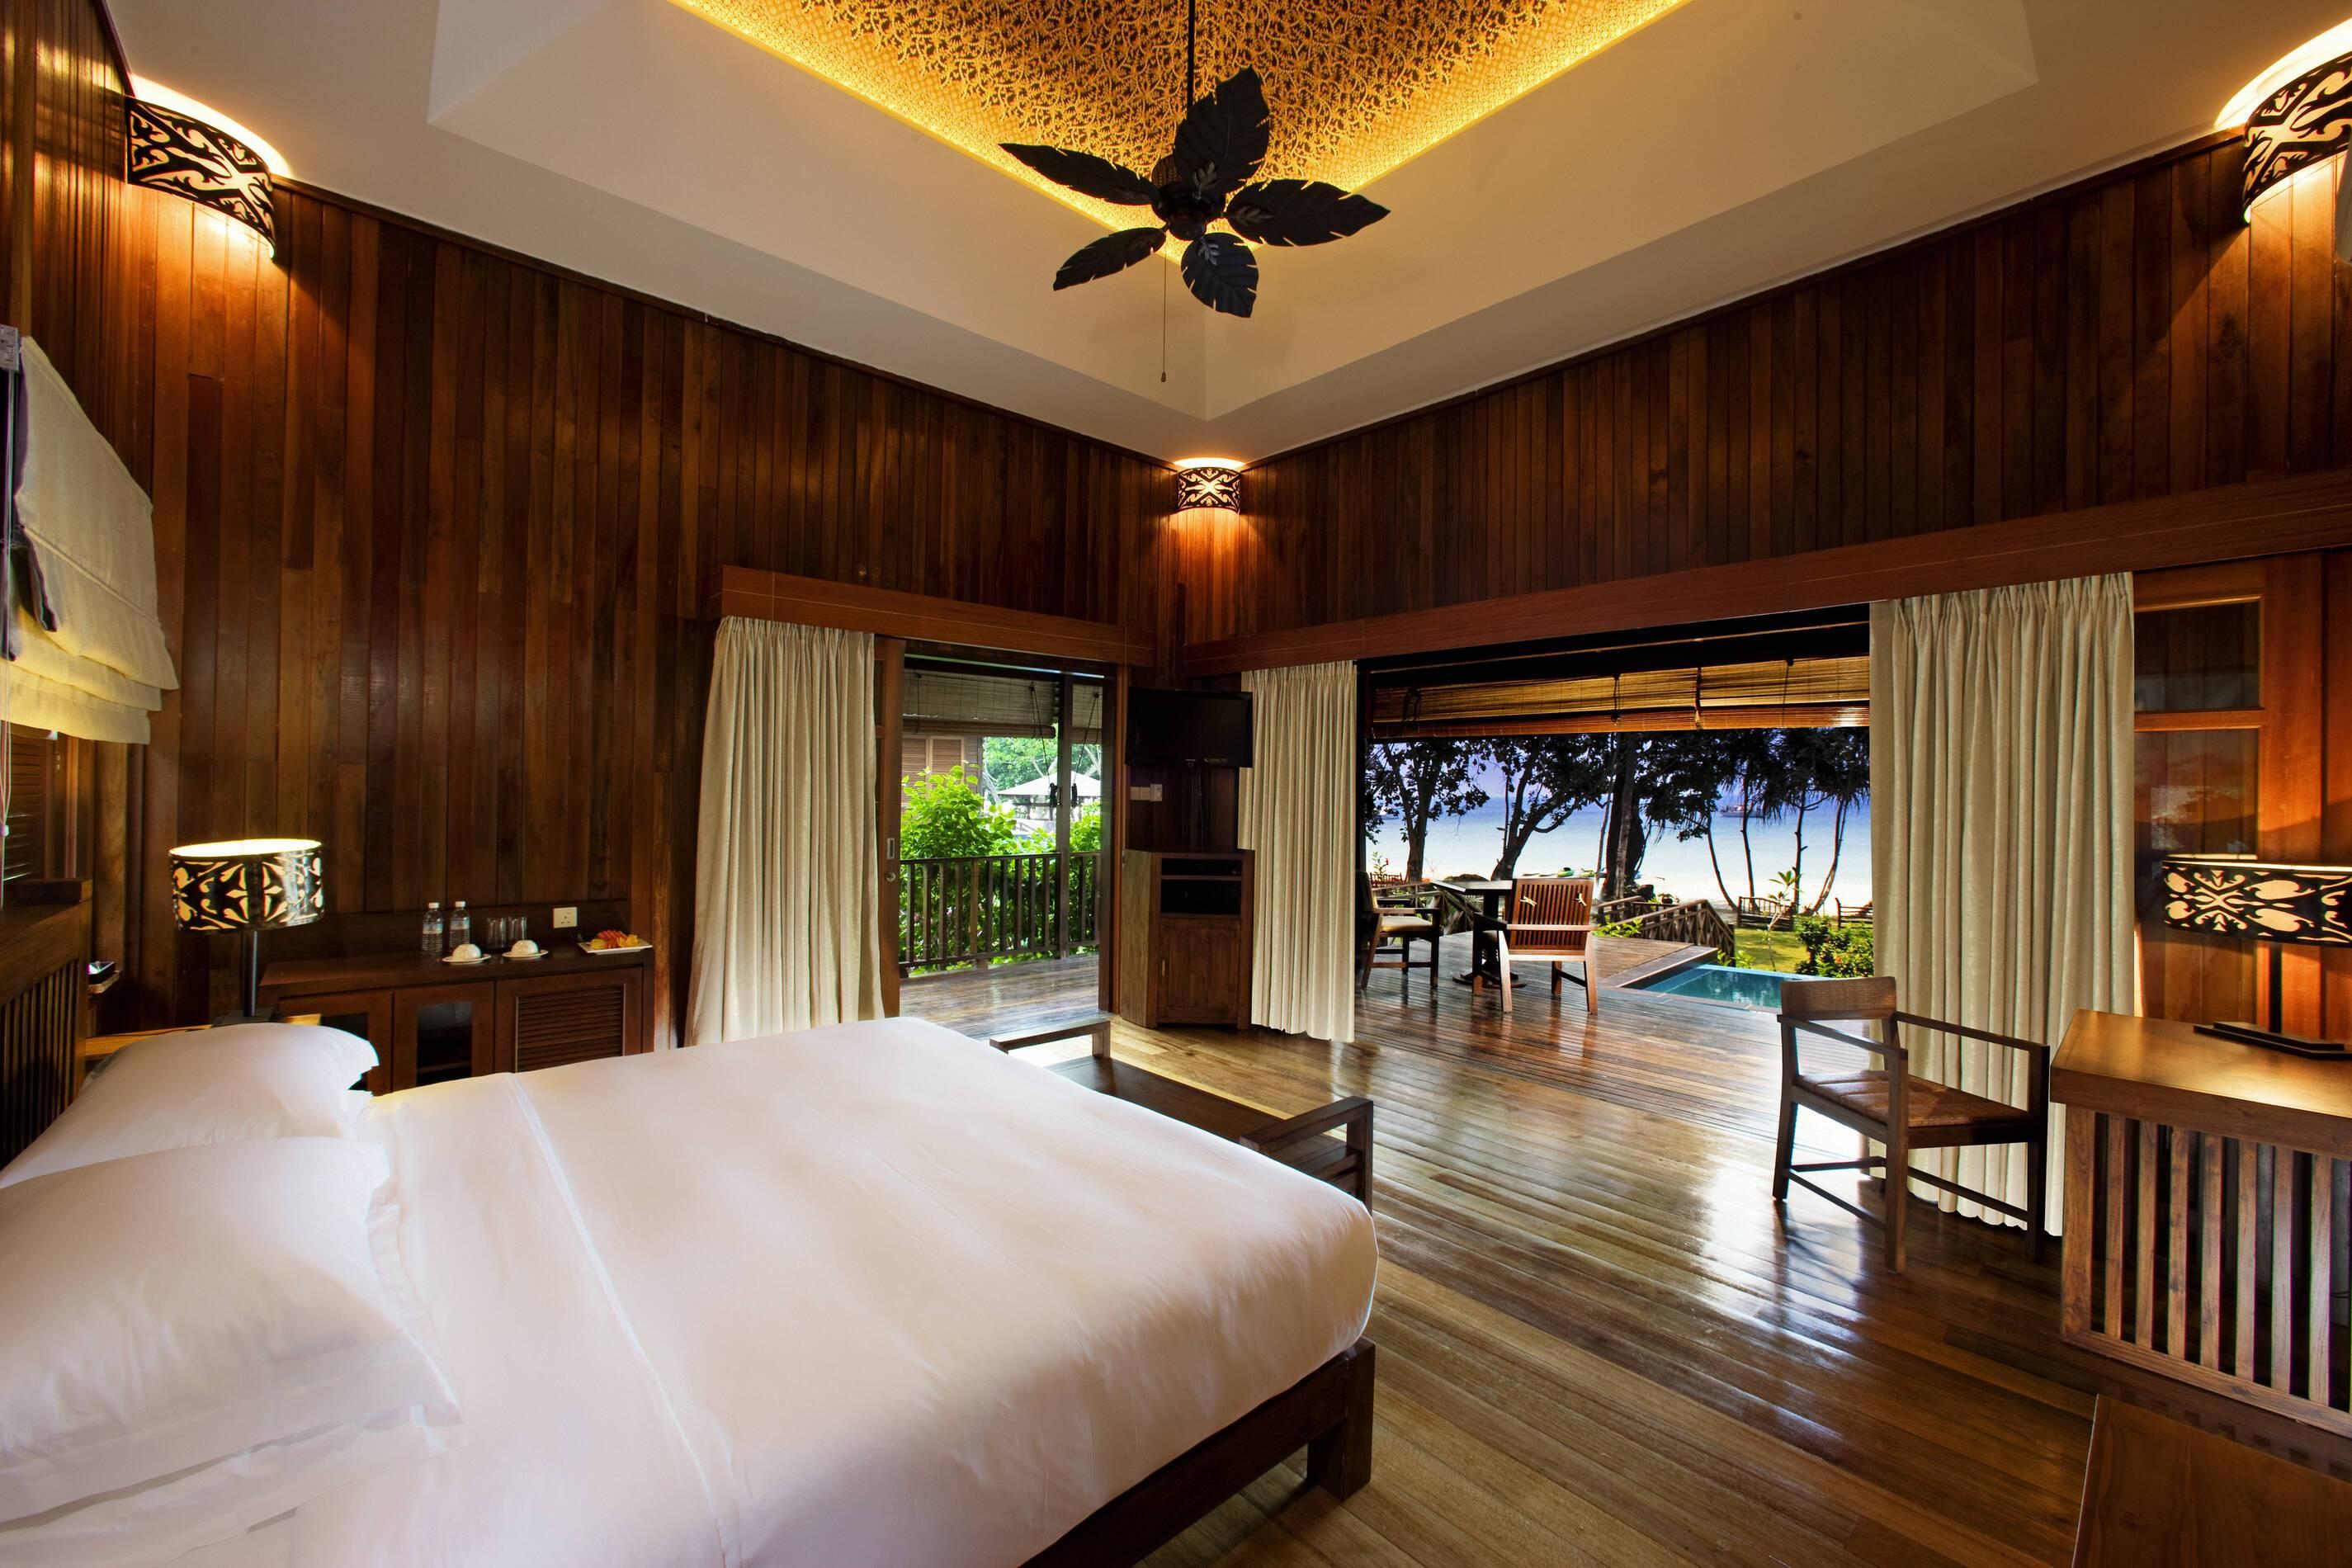 Bunga Raya Malaisie plunge pool villa chambre